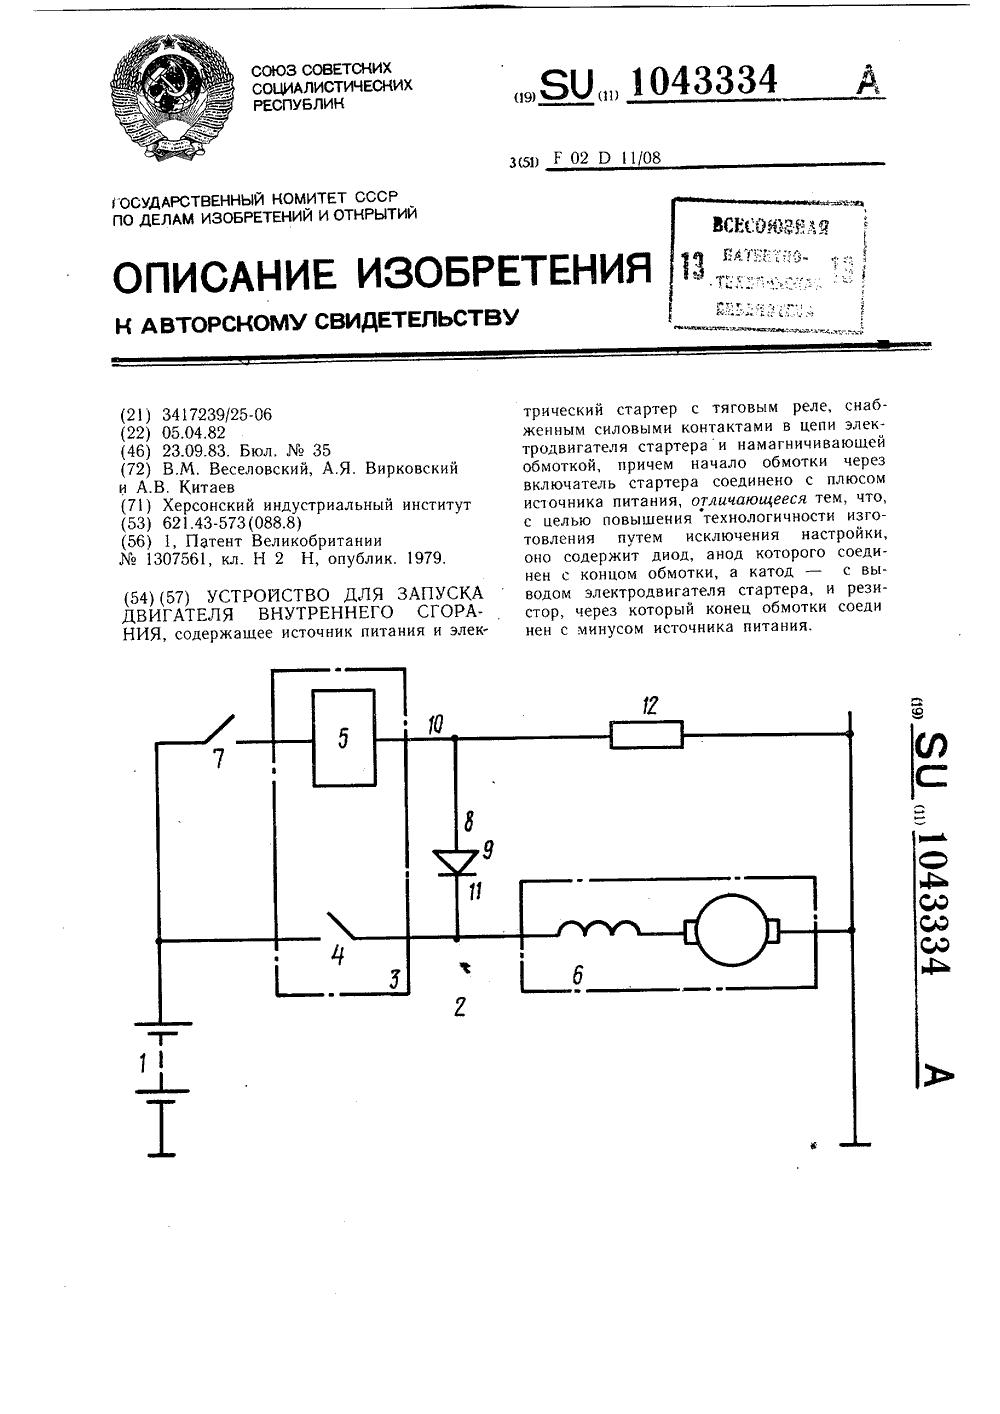 конденсаторная схема торможения электродвигателя